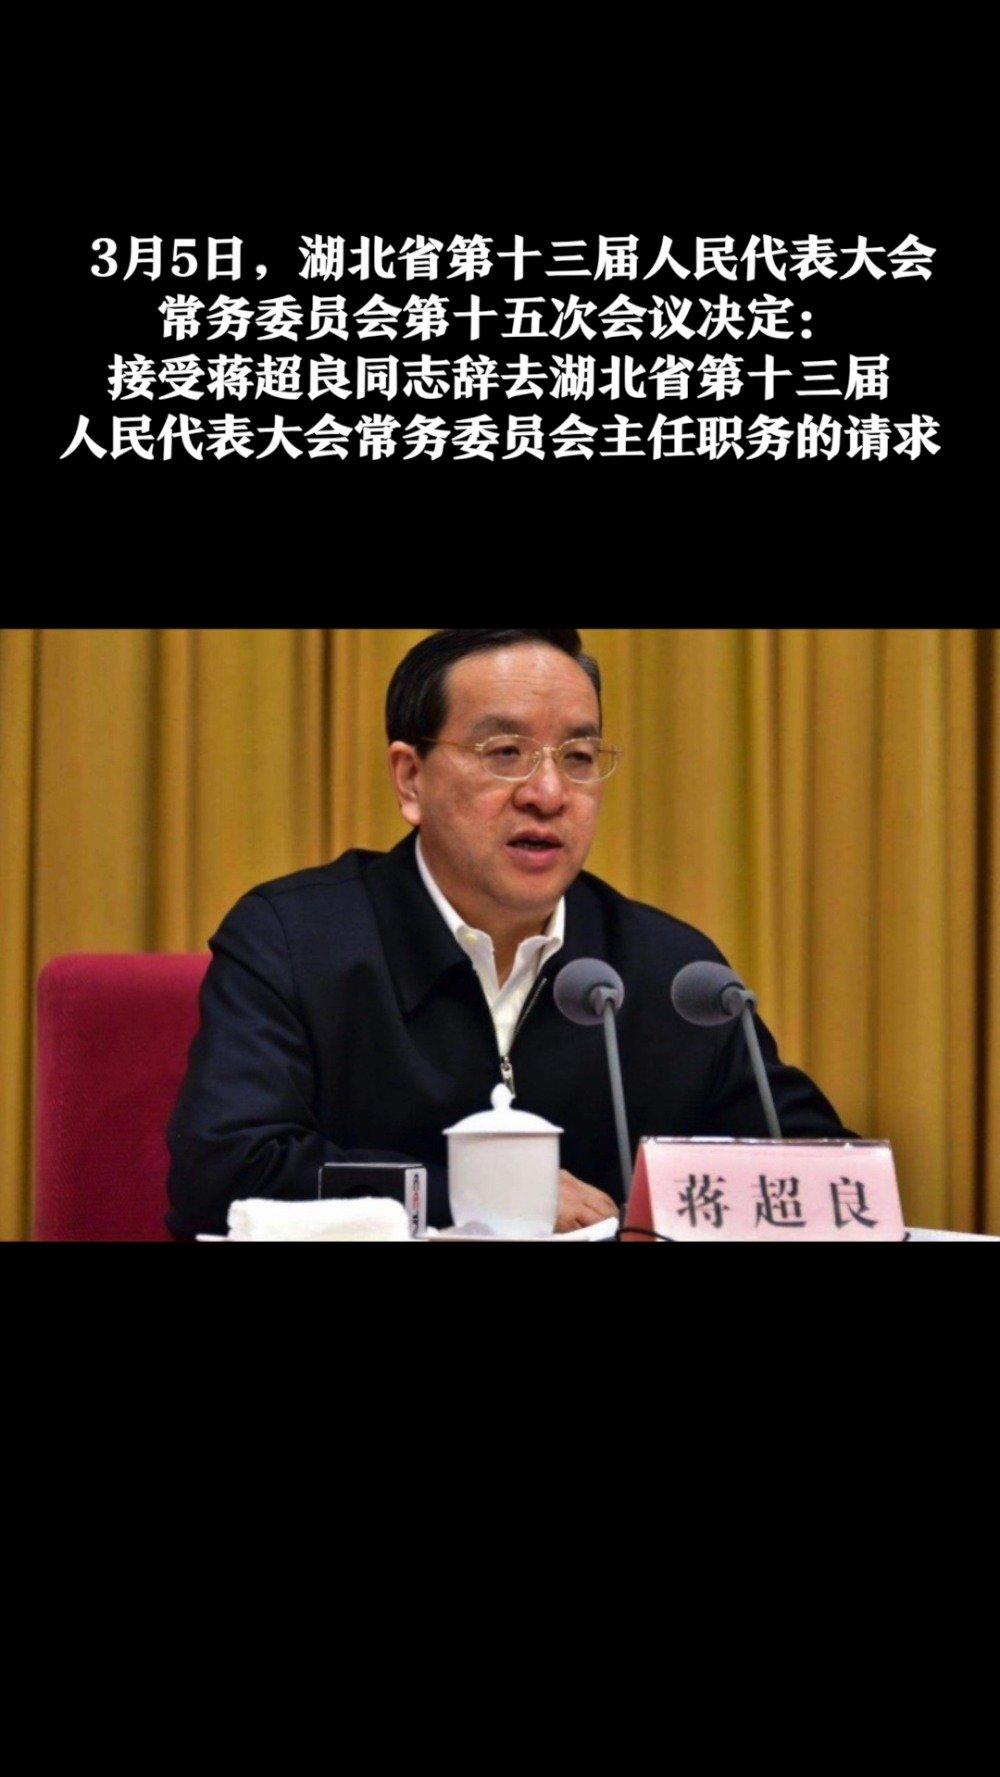 再卸一职!蒋超良辞去湖北省人大常委会主任职务